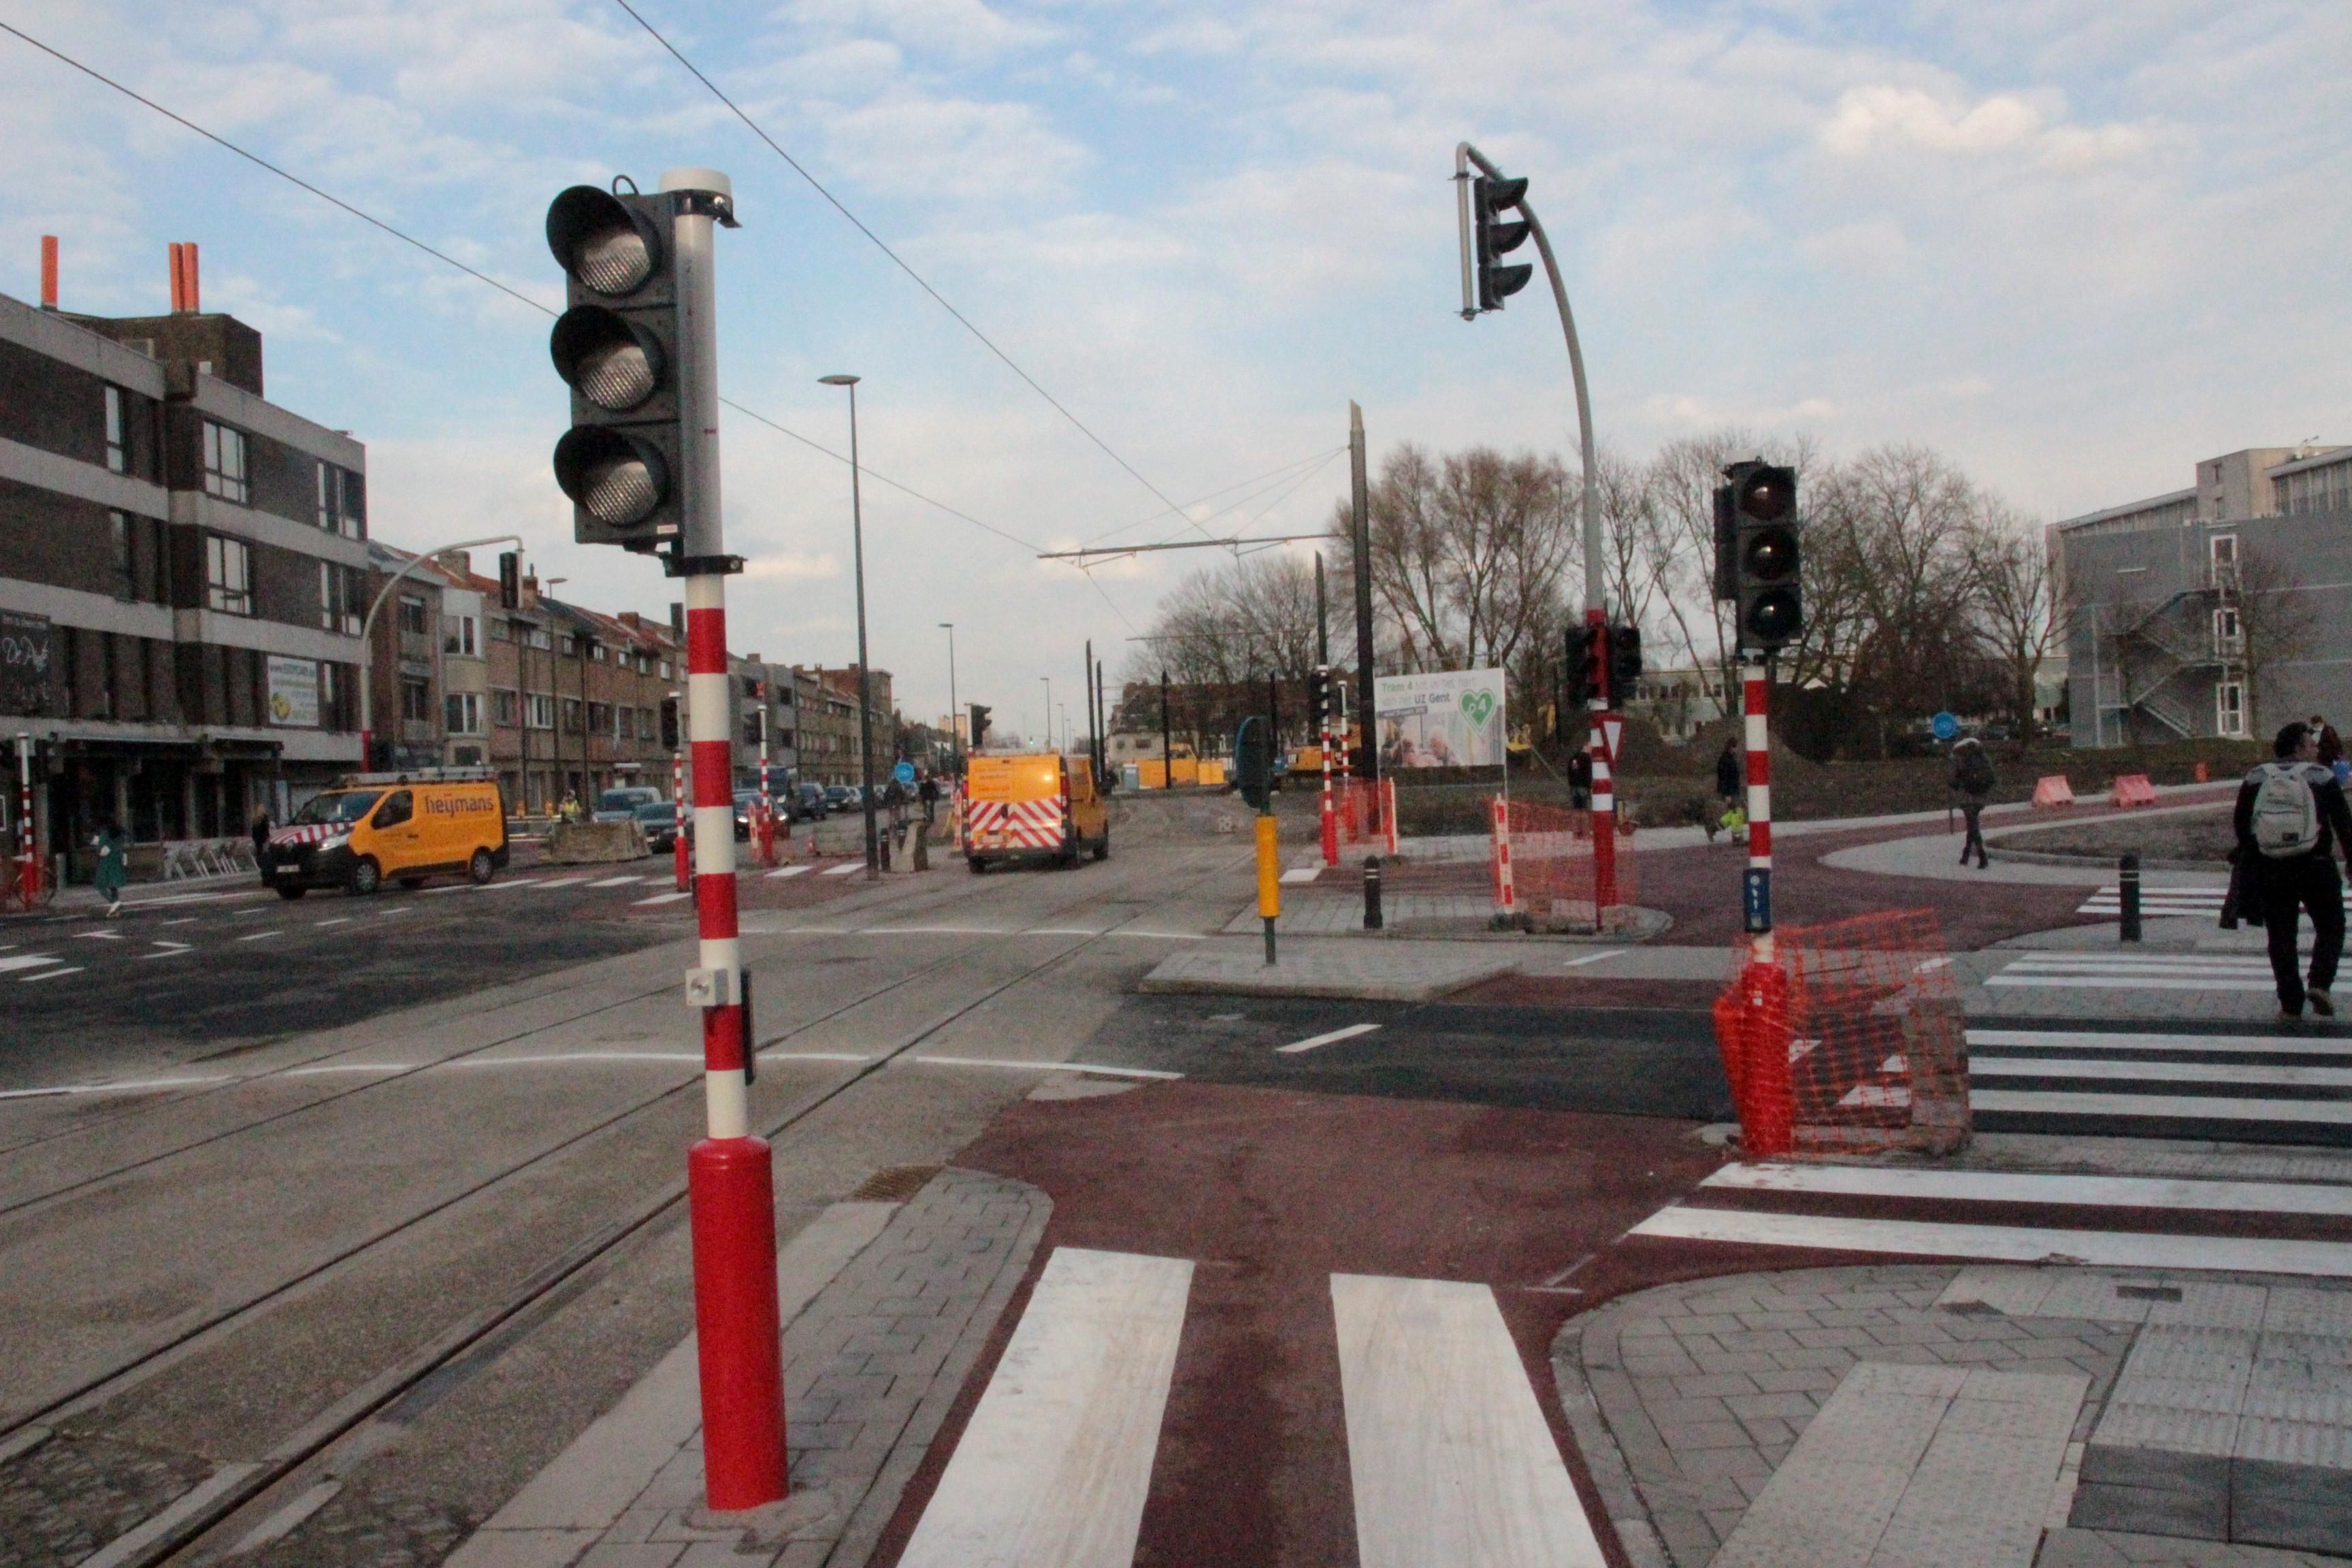 08maa16, Zwijnaardsesteenweg / De Pintelaan